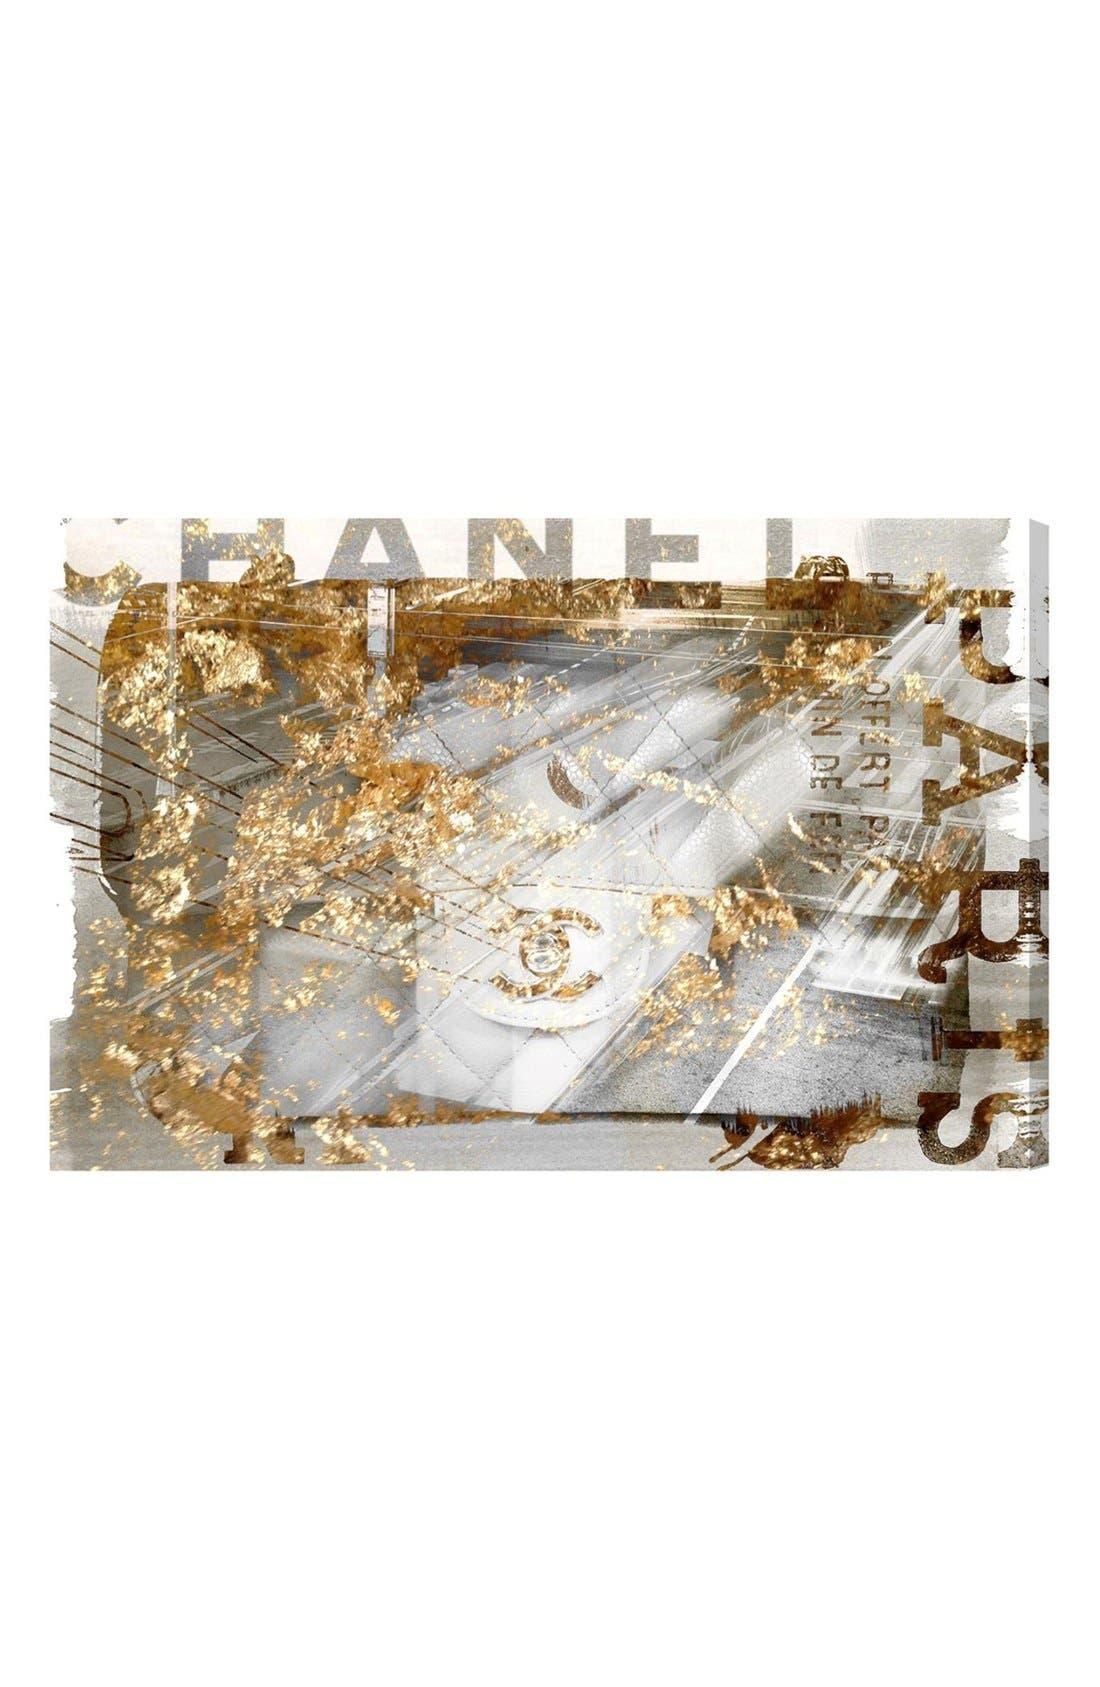 Oliver Gal 'No. 1 Bag' Canvas Wall Art